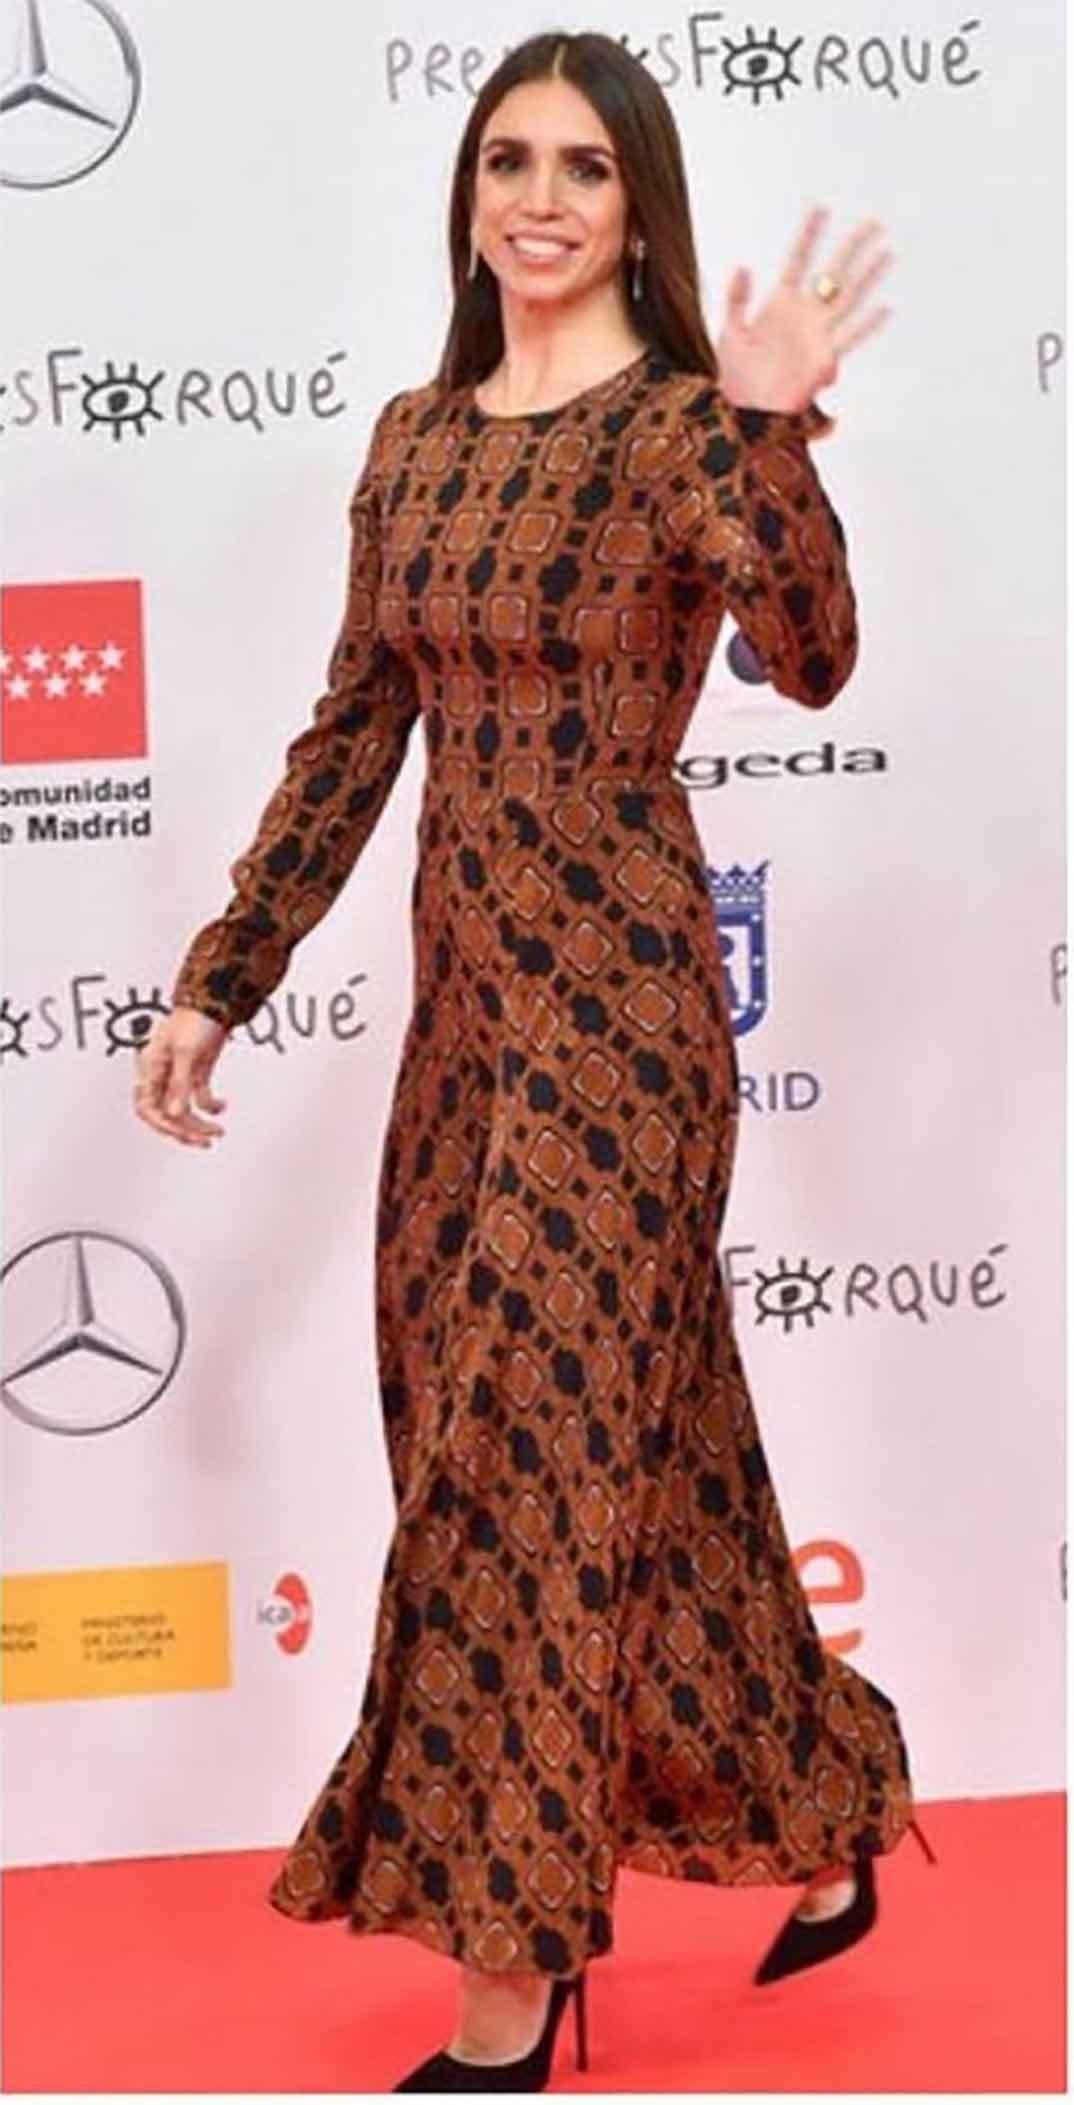 Elena Furiase - Premios Forqué © Redes Sociales